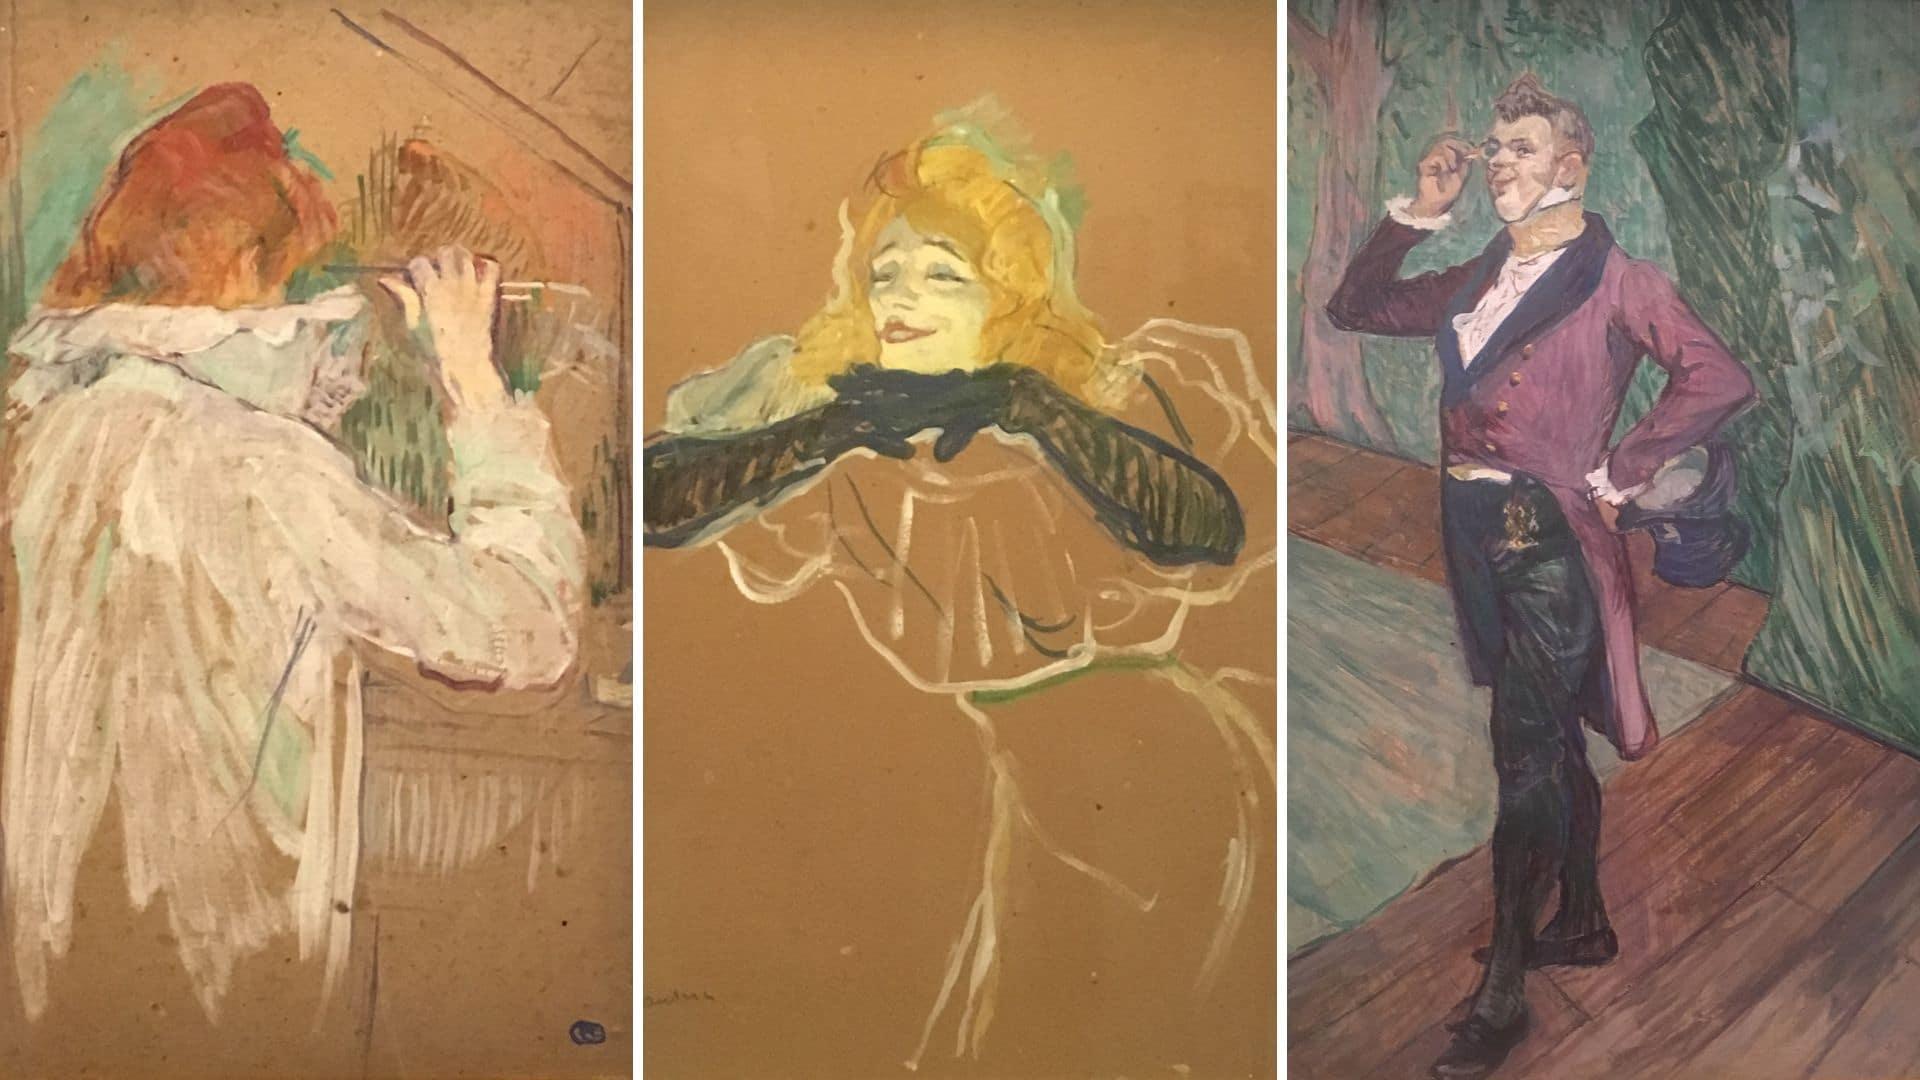 Visiter l'exposition temporaire Toulouse Lautrec au Grand Palais